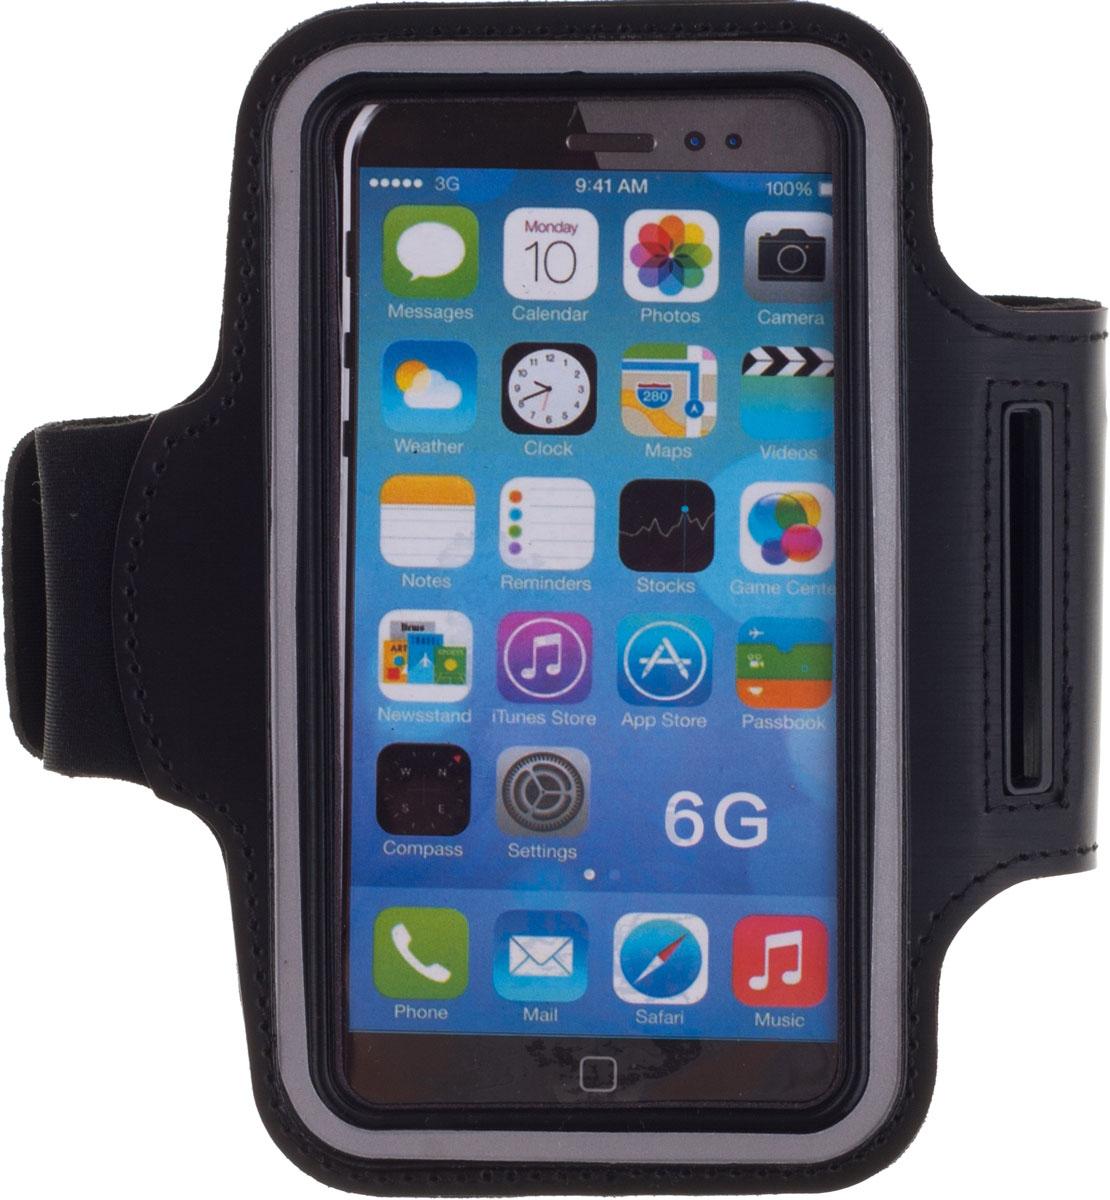 Skinbox Sport Cases 5.0 спортивный чехол для смартфонов2000000077246Наручный спортивный чехол для смартфонов Skinbox Sport Cases с экраном до 5 позволяет легко и с комфортом носить смартфон во время занятий, обеспечивая прямой доступ ко всем функциям телефона. Чехол надевается на плечевую часть руки - наиболее удобное место для переноски и пользования смартфона во время тренировки, при этом руки остаются свободными не ограничивая движения.